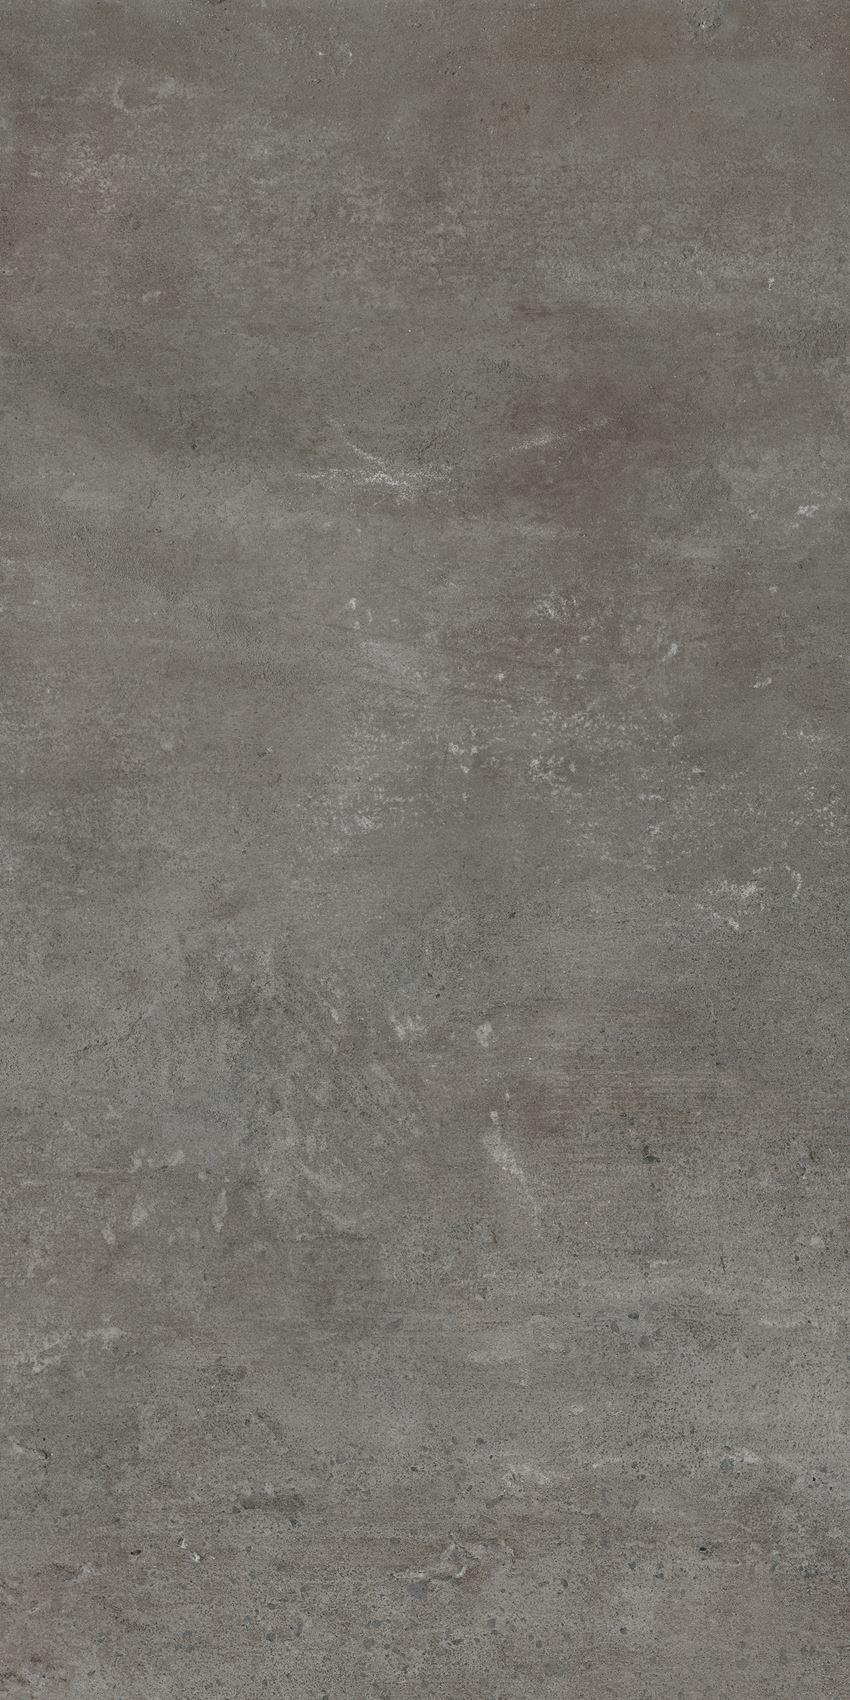 Płytka ścienno-podłogowa Cerrad Softcement graphite 60x120 2